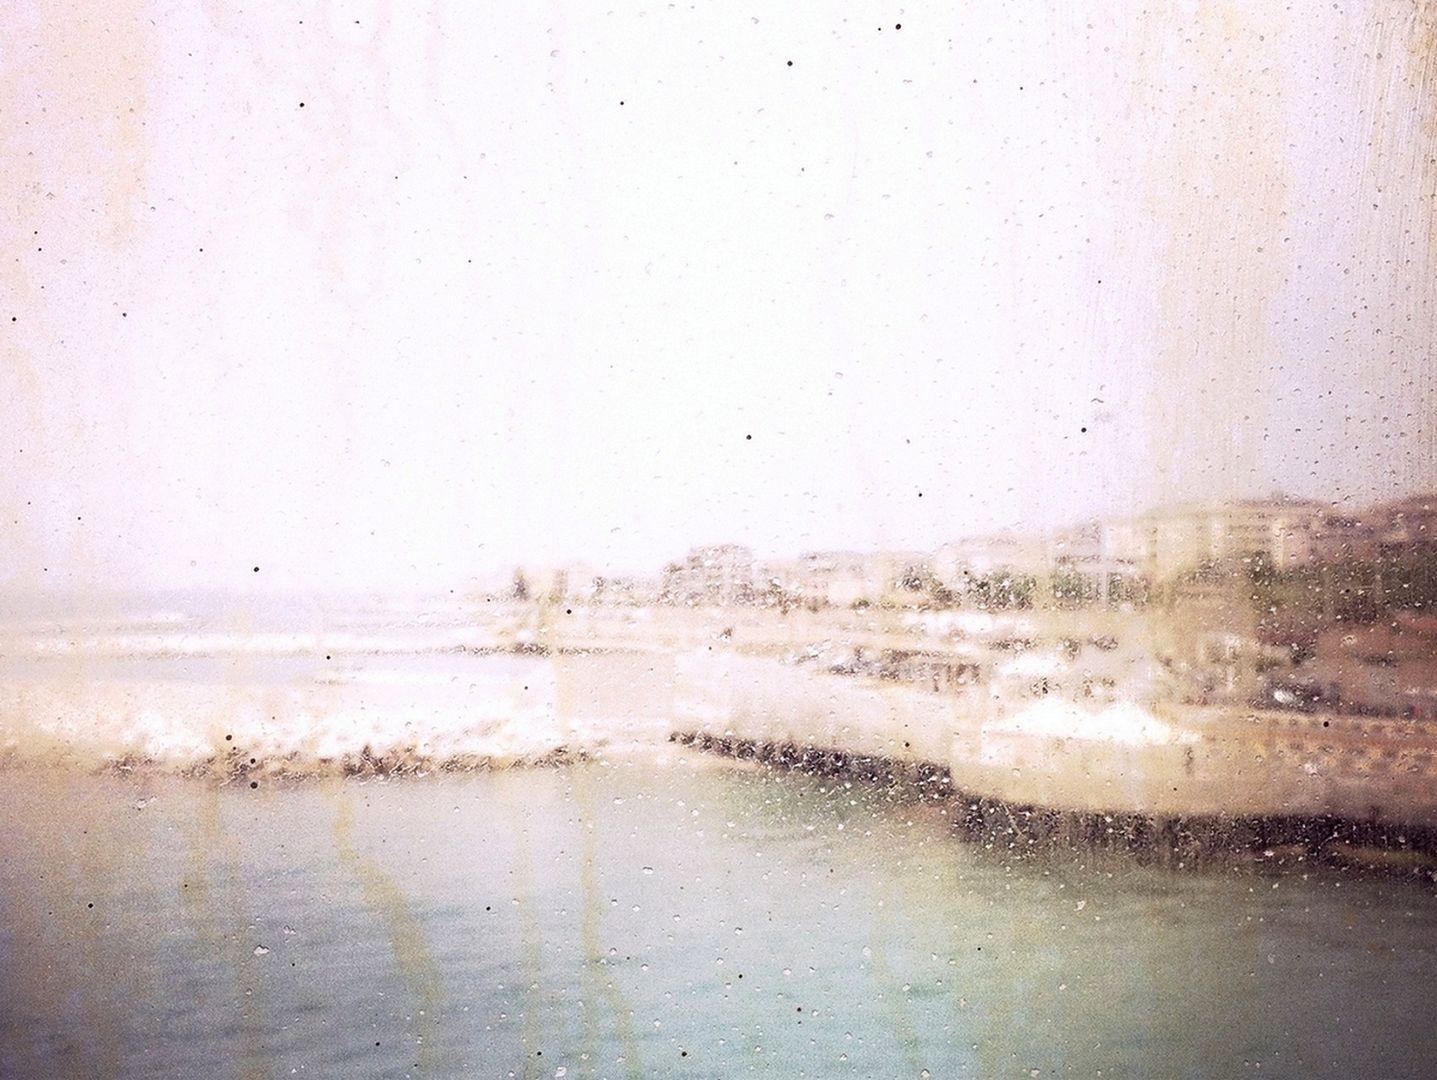 ISOLA, Isola è il luogo della memoria e dell'anima. Tra Sicilia e Calabria, tra Scilla e Cariddi ,dentro le acque del mito, le visioni, a volte contenute in un frammento, a volte immaginate o